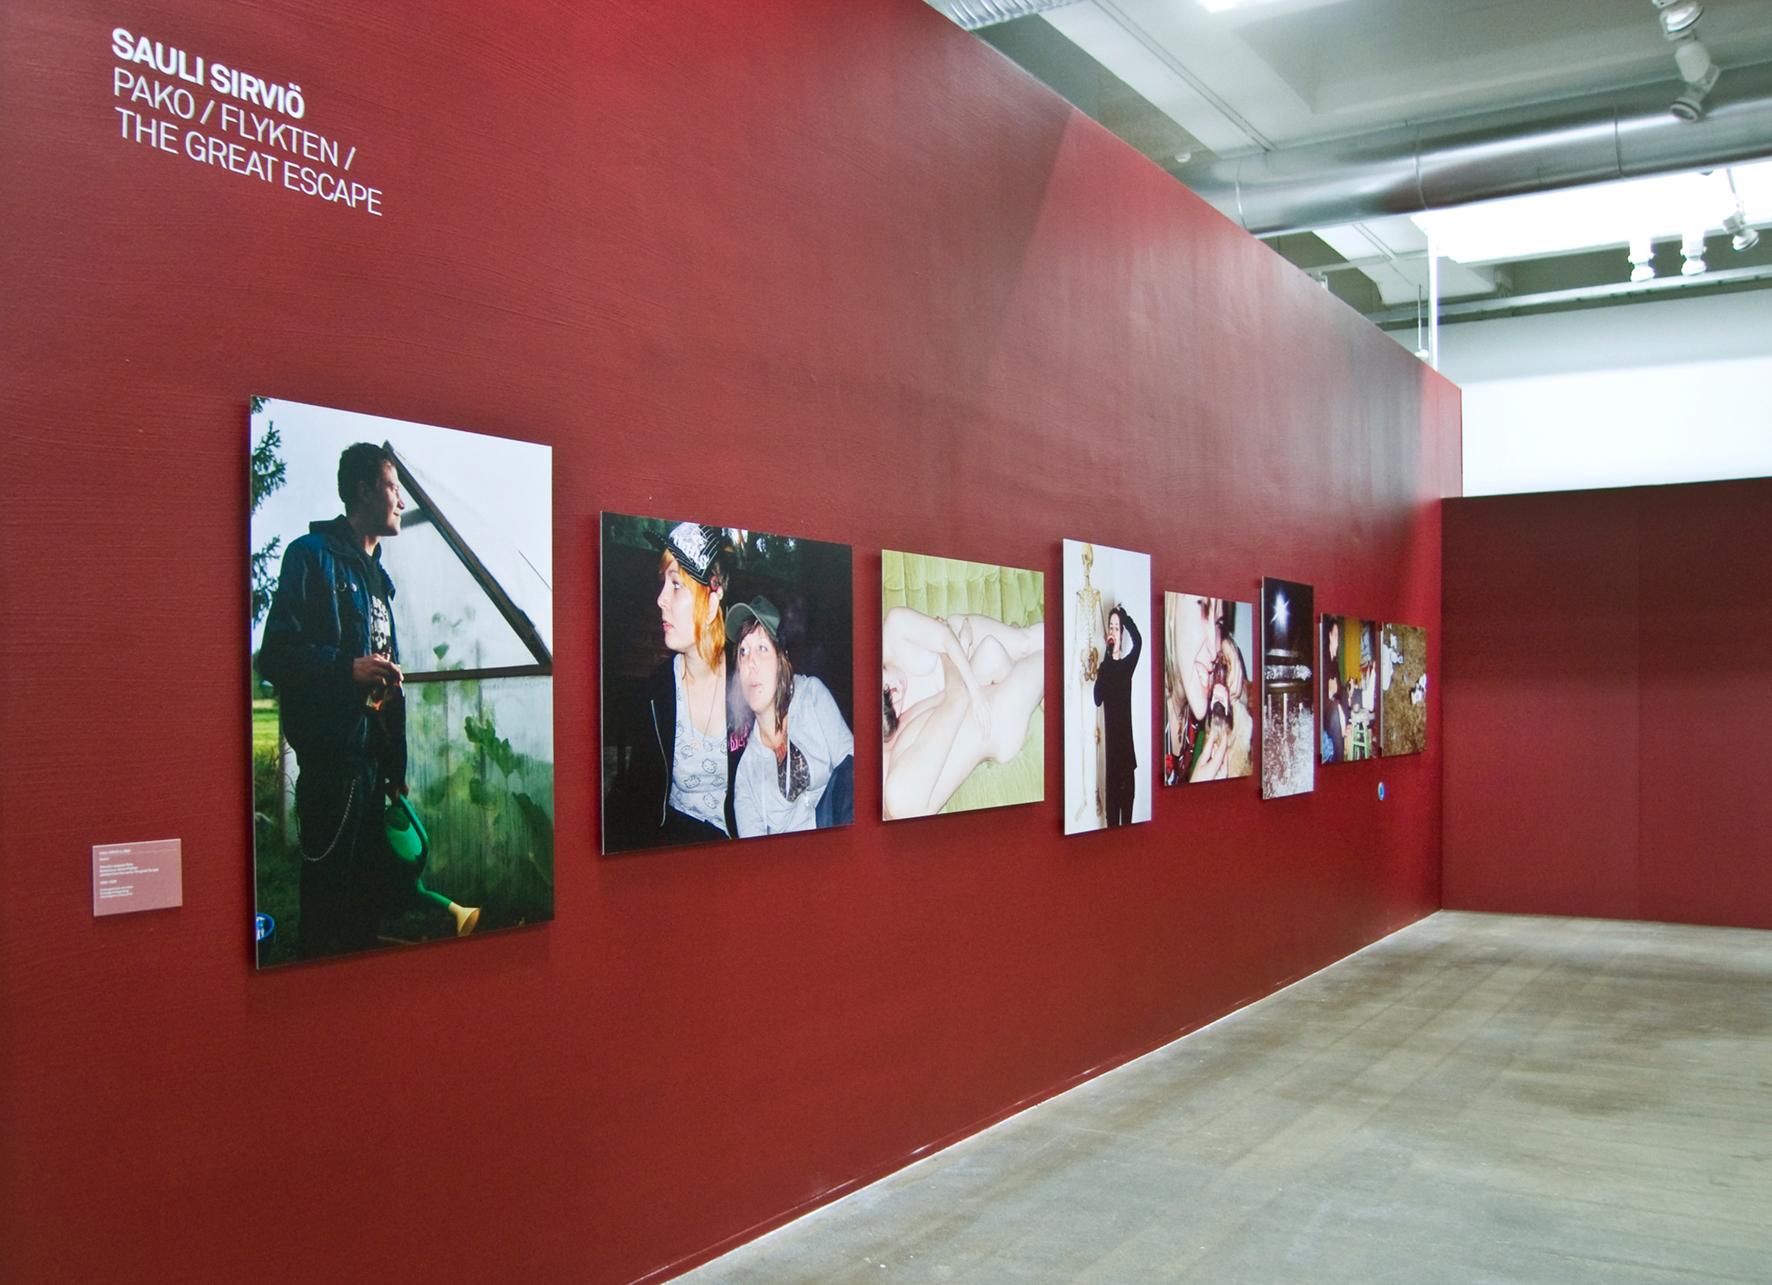 saulisirvio_exhibit3